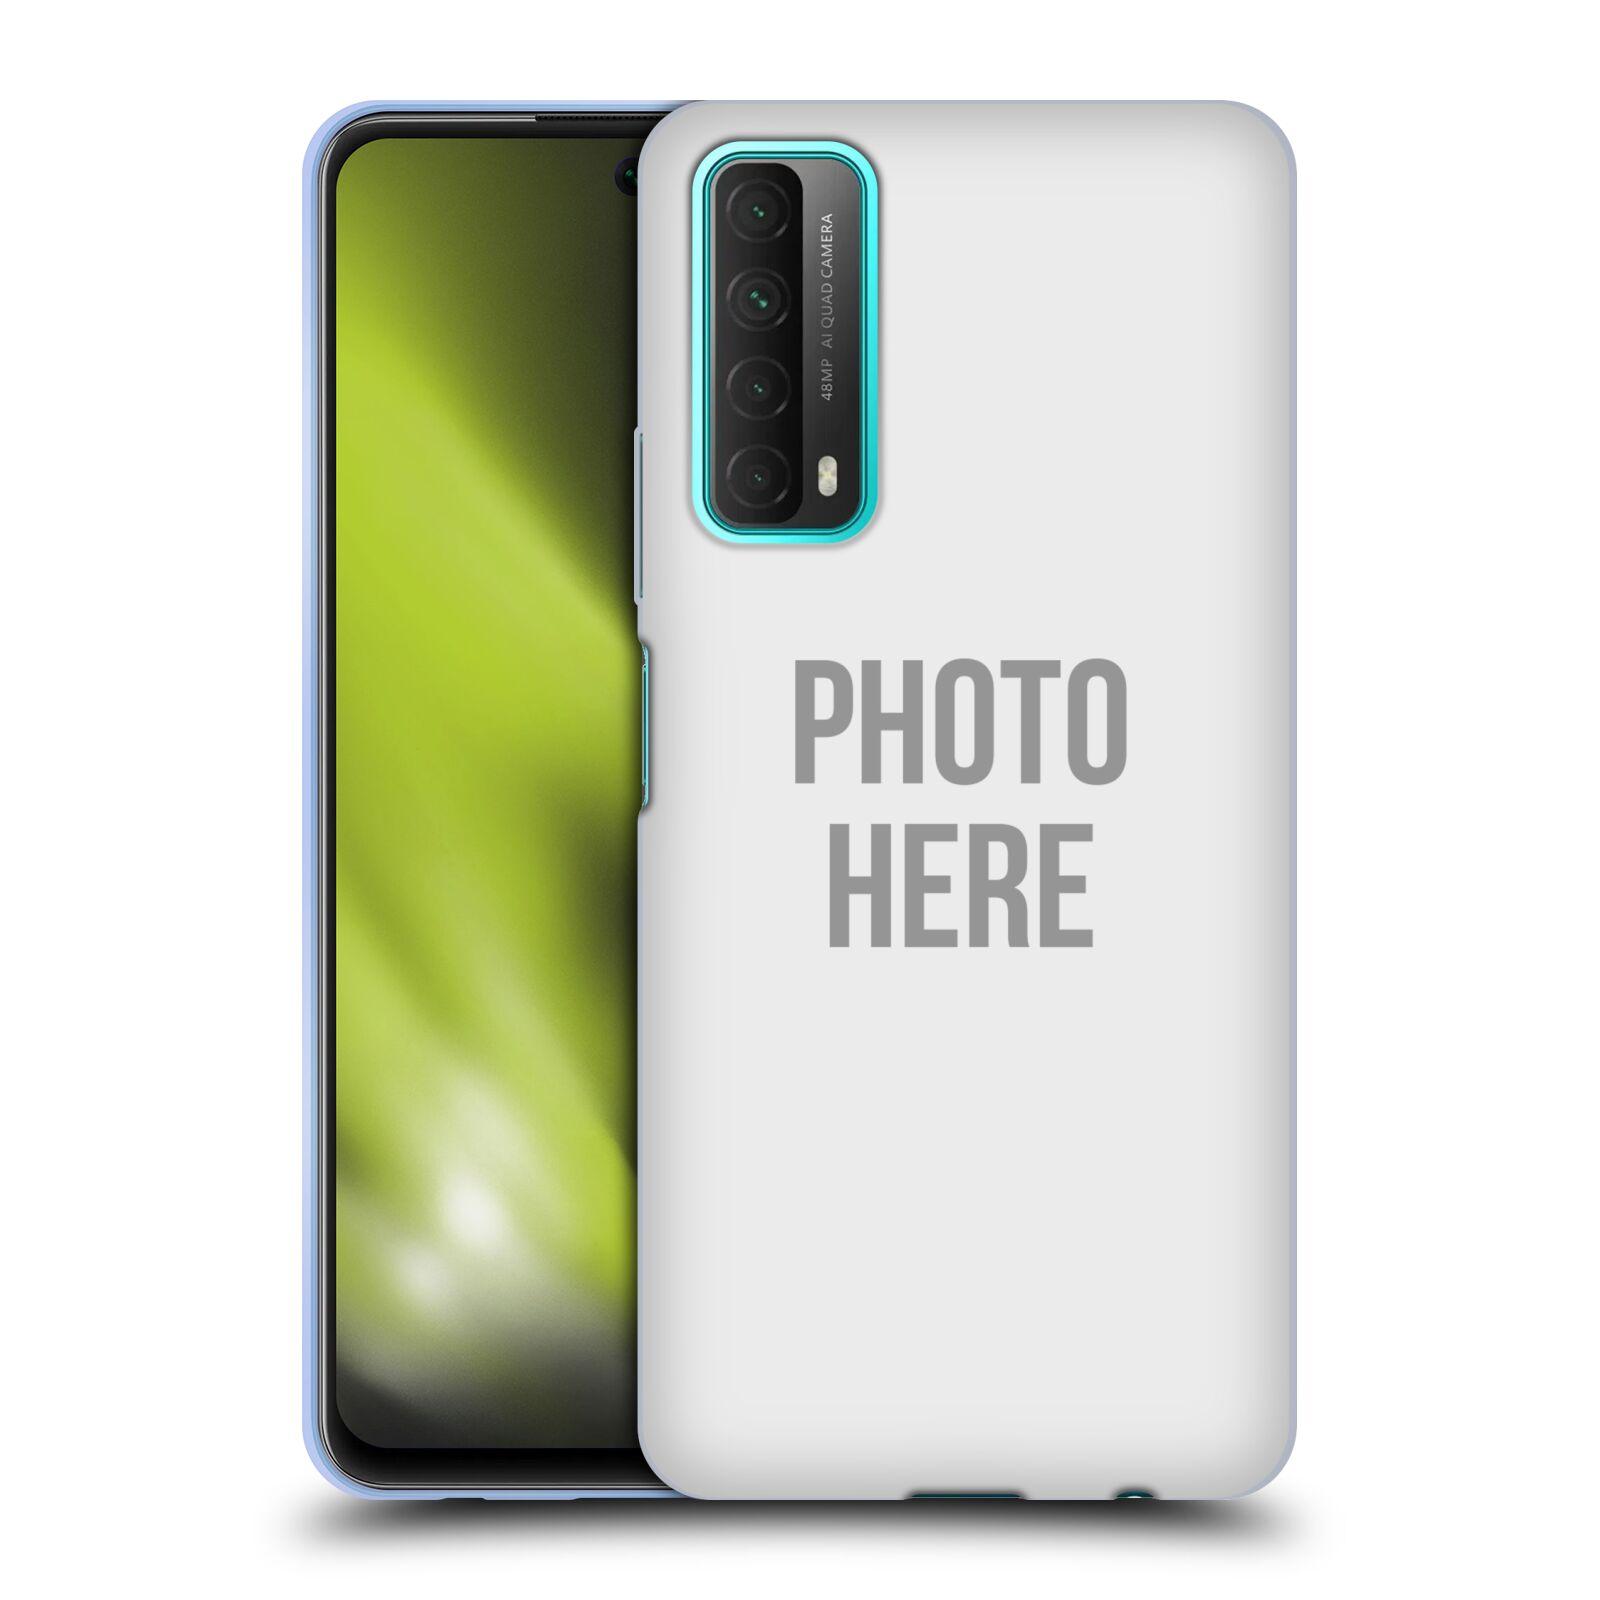 Silikonové pouzdro na mobil Huawei P Smart (2021) s vlastním motivem